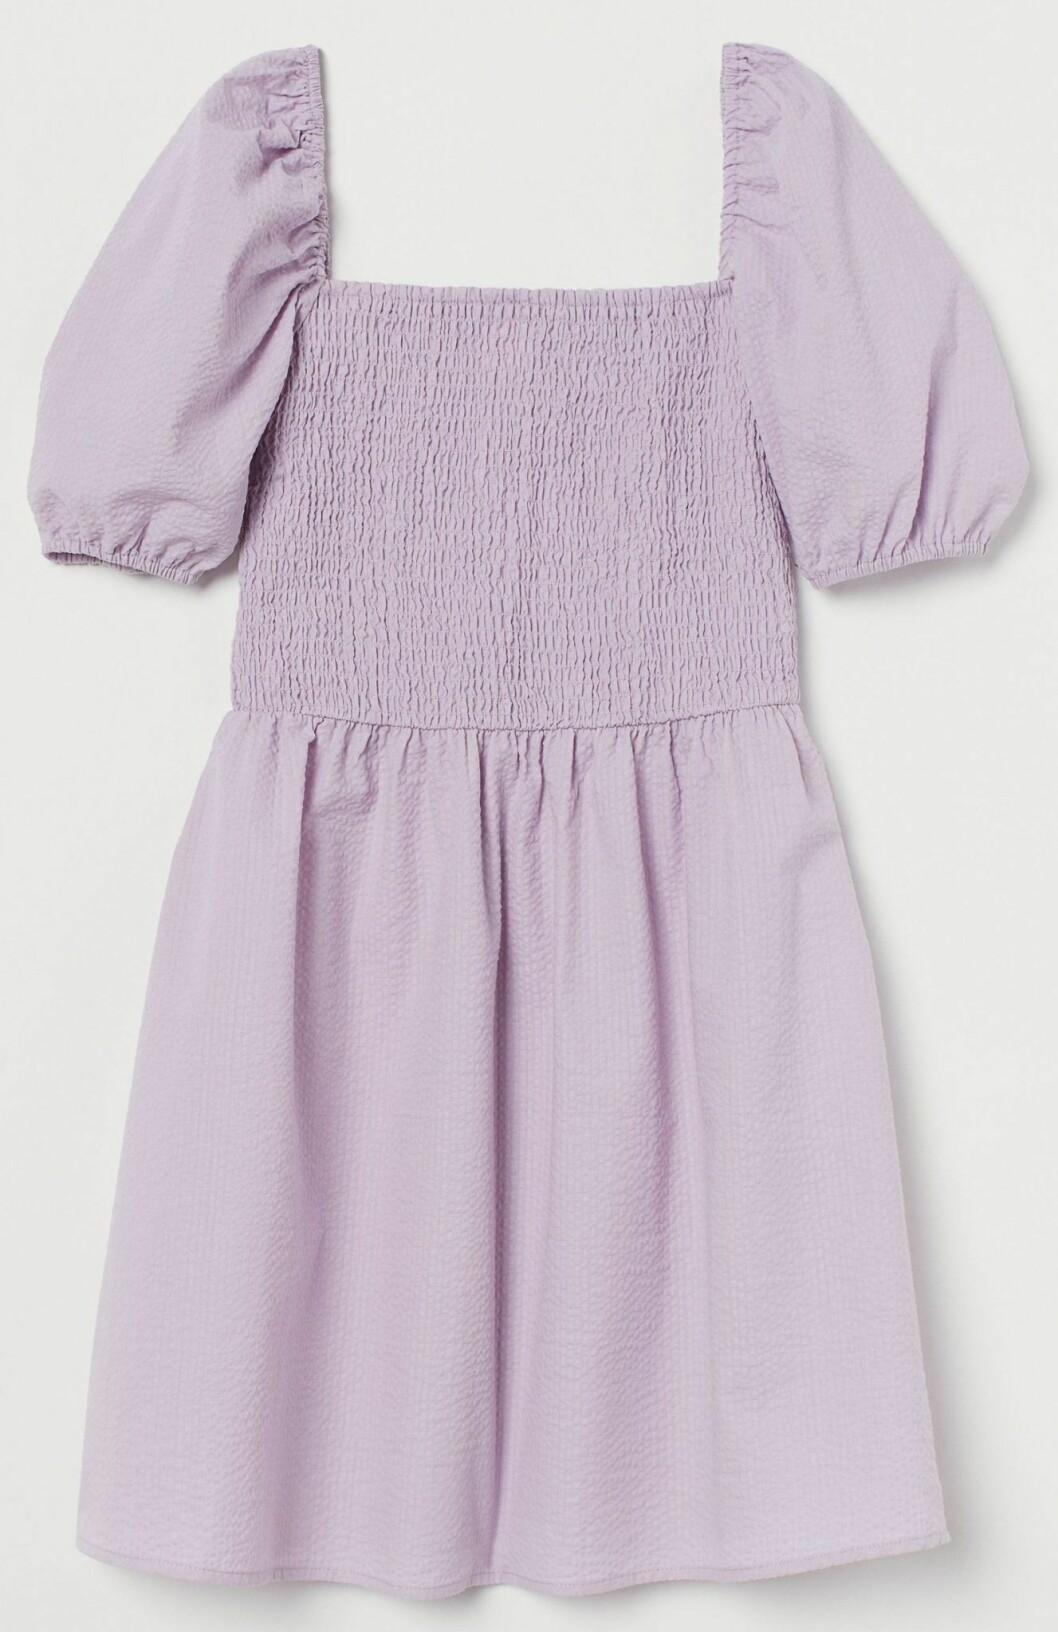 lavendelila klänning med puffärmar från H&M.